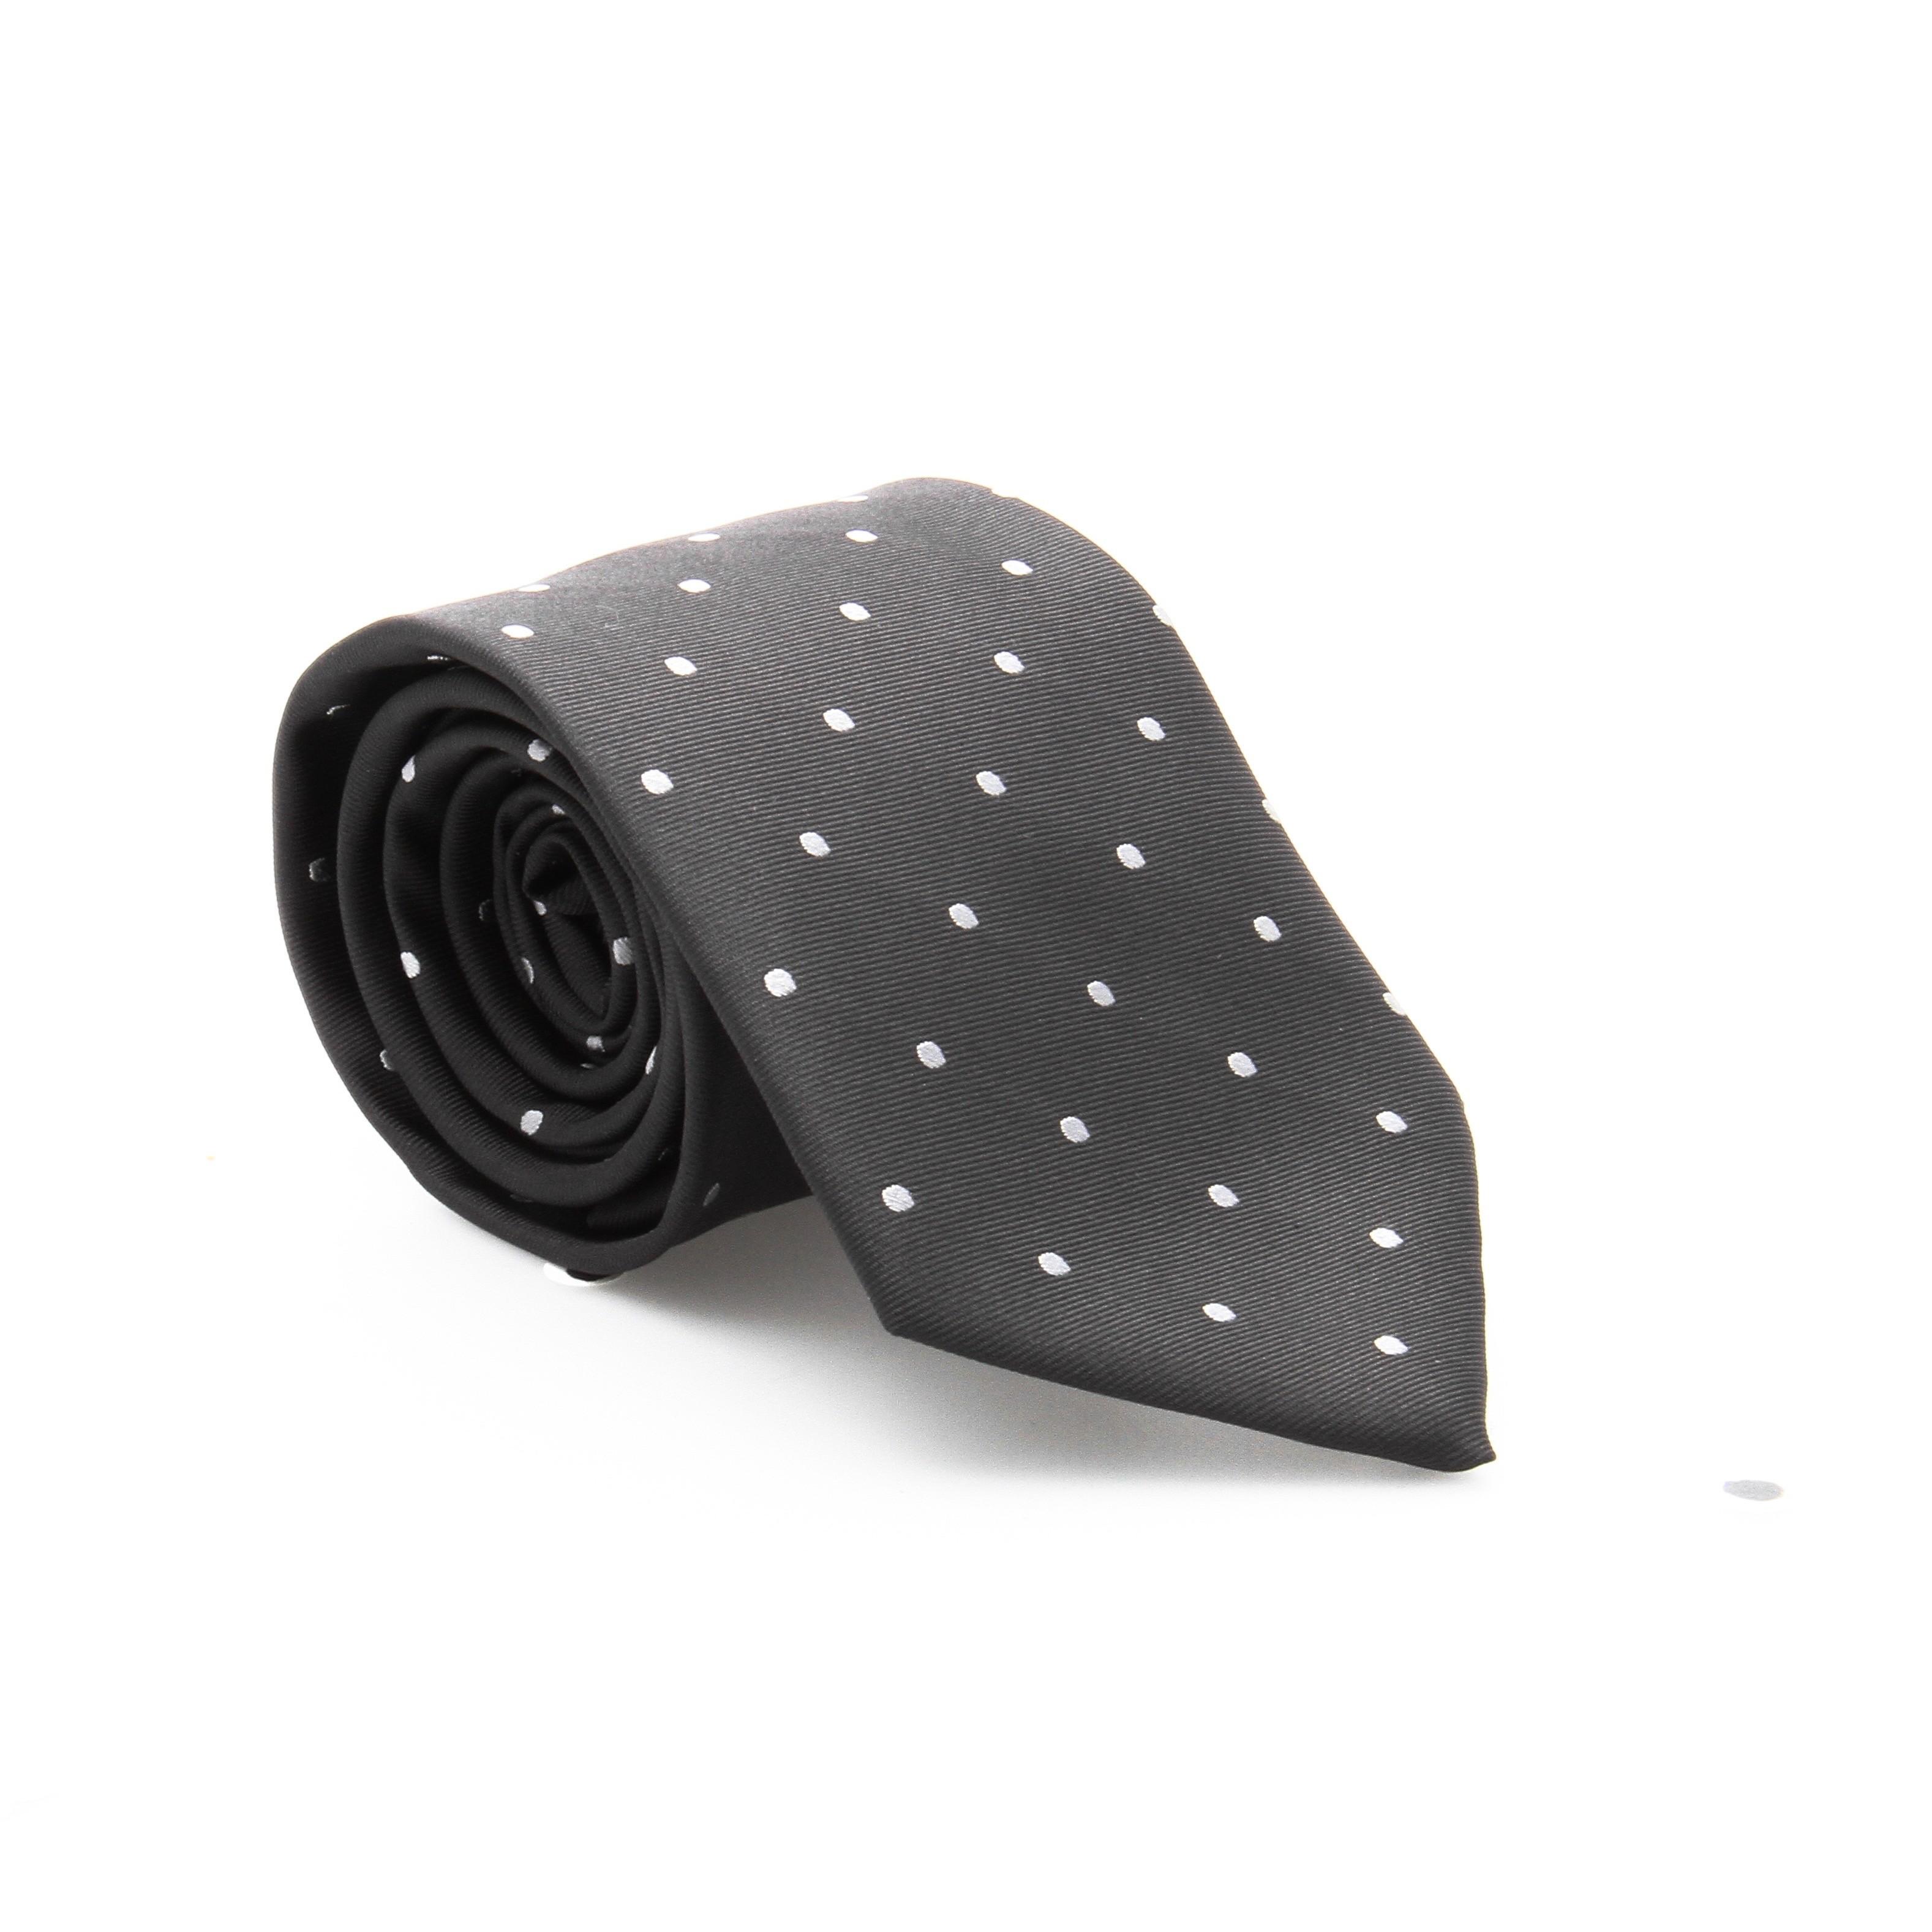 Cravate en soie : base noire - pois blanc (cravate)